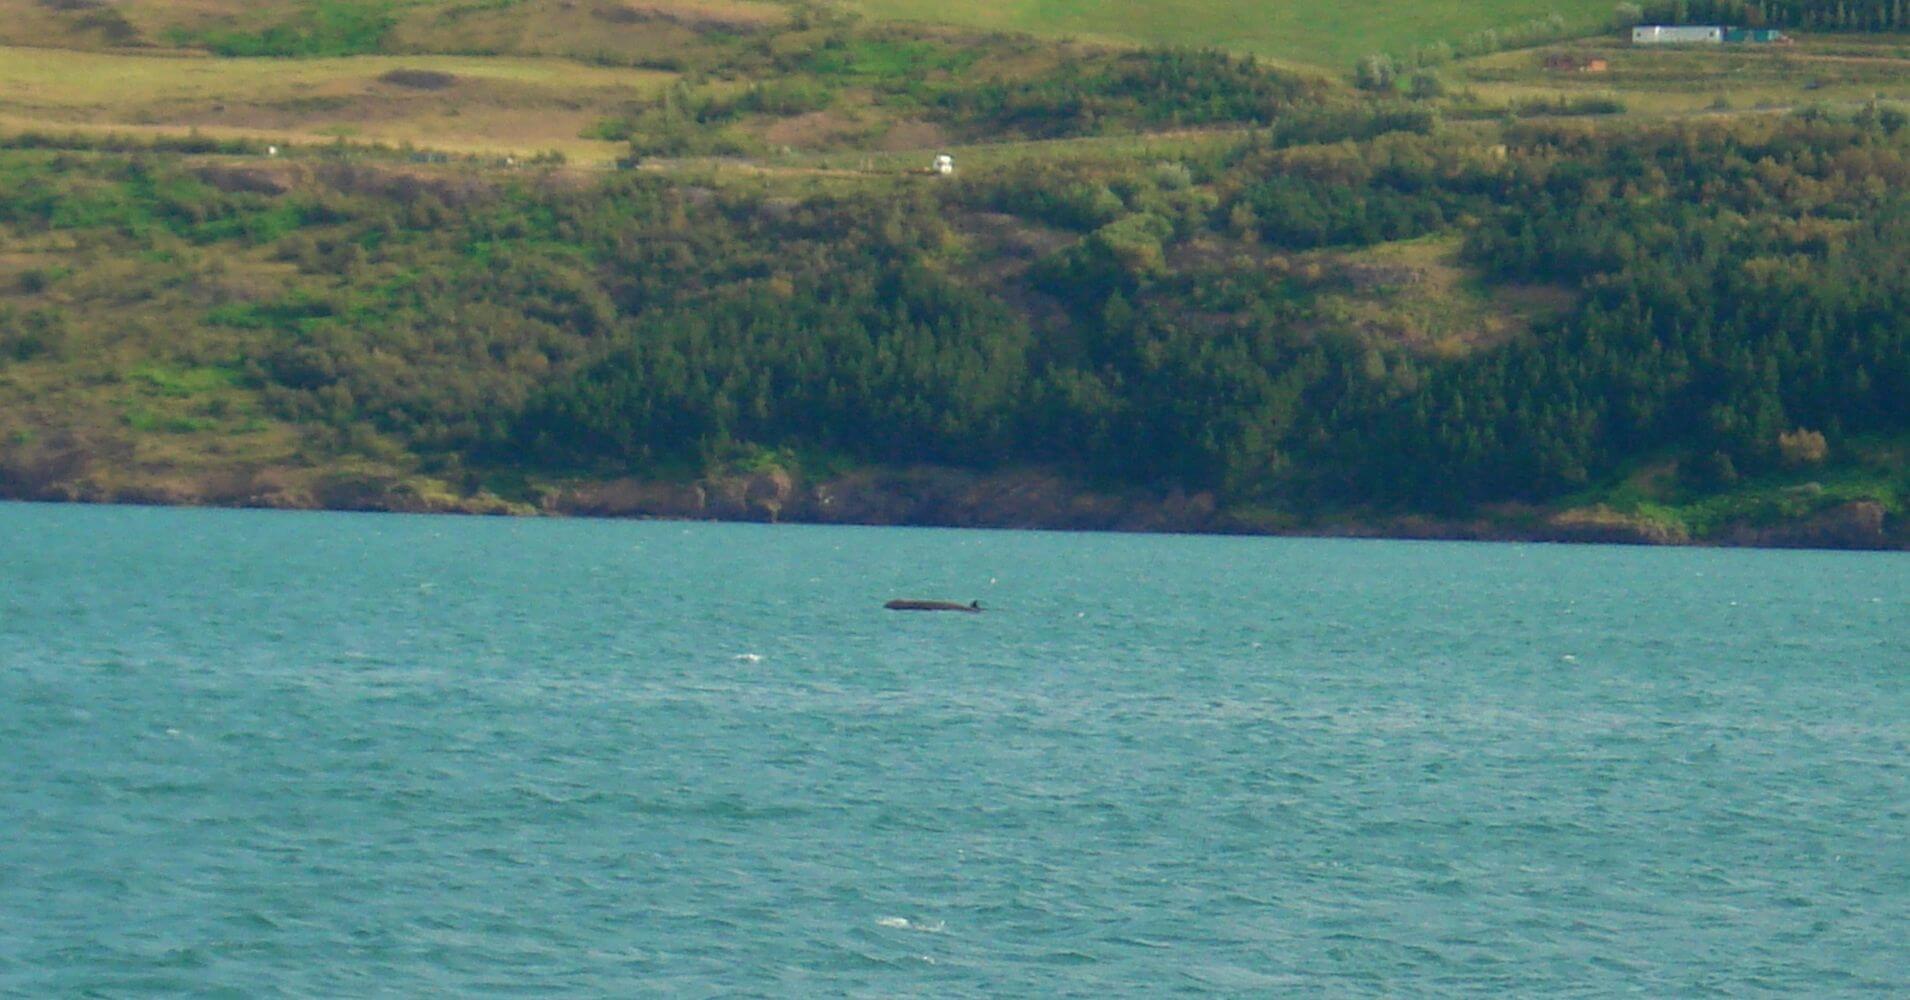 Bahía de Akurery. Ballena Piloto. Islandia.